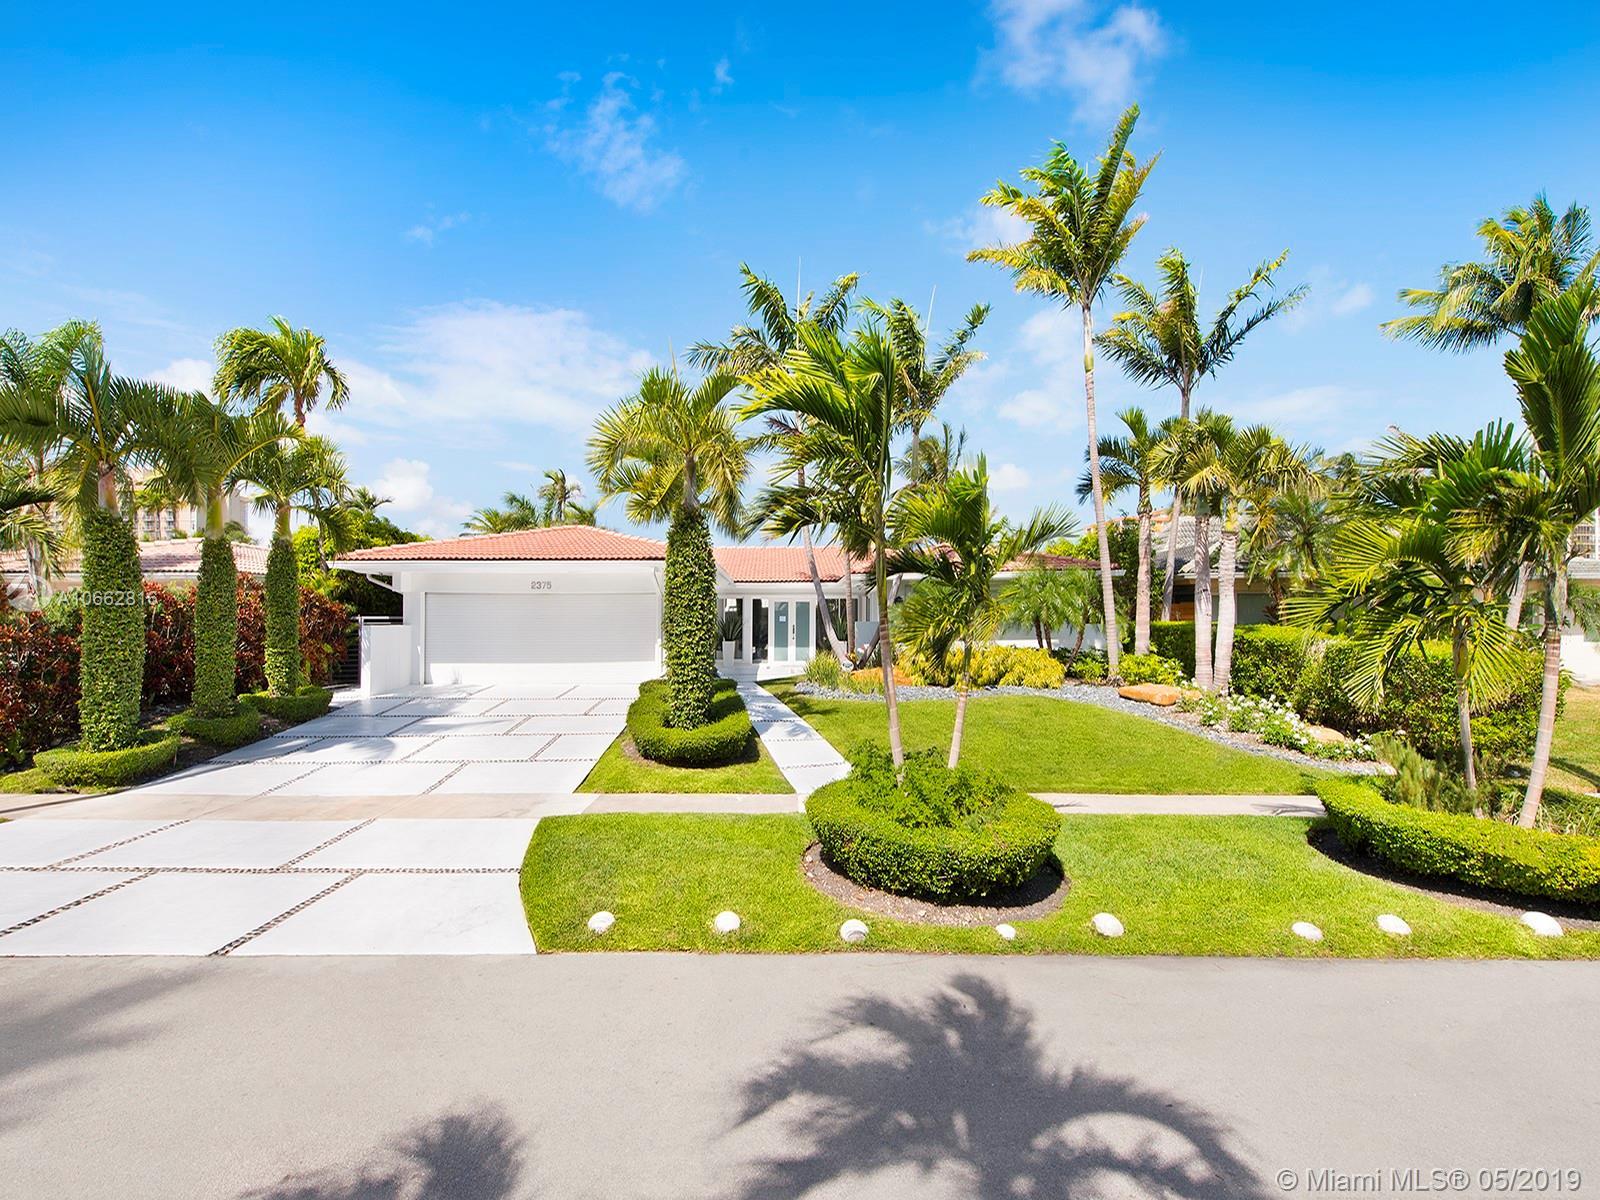 2375 Magnolia Dr, North Miami, FL 33181